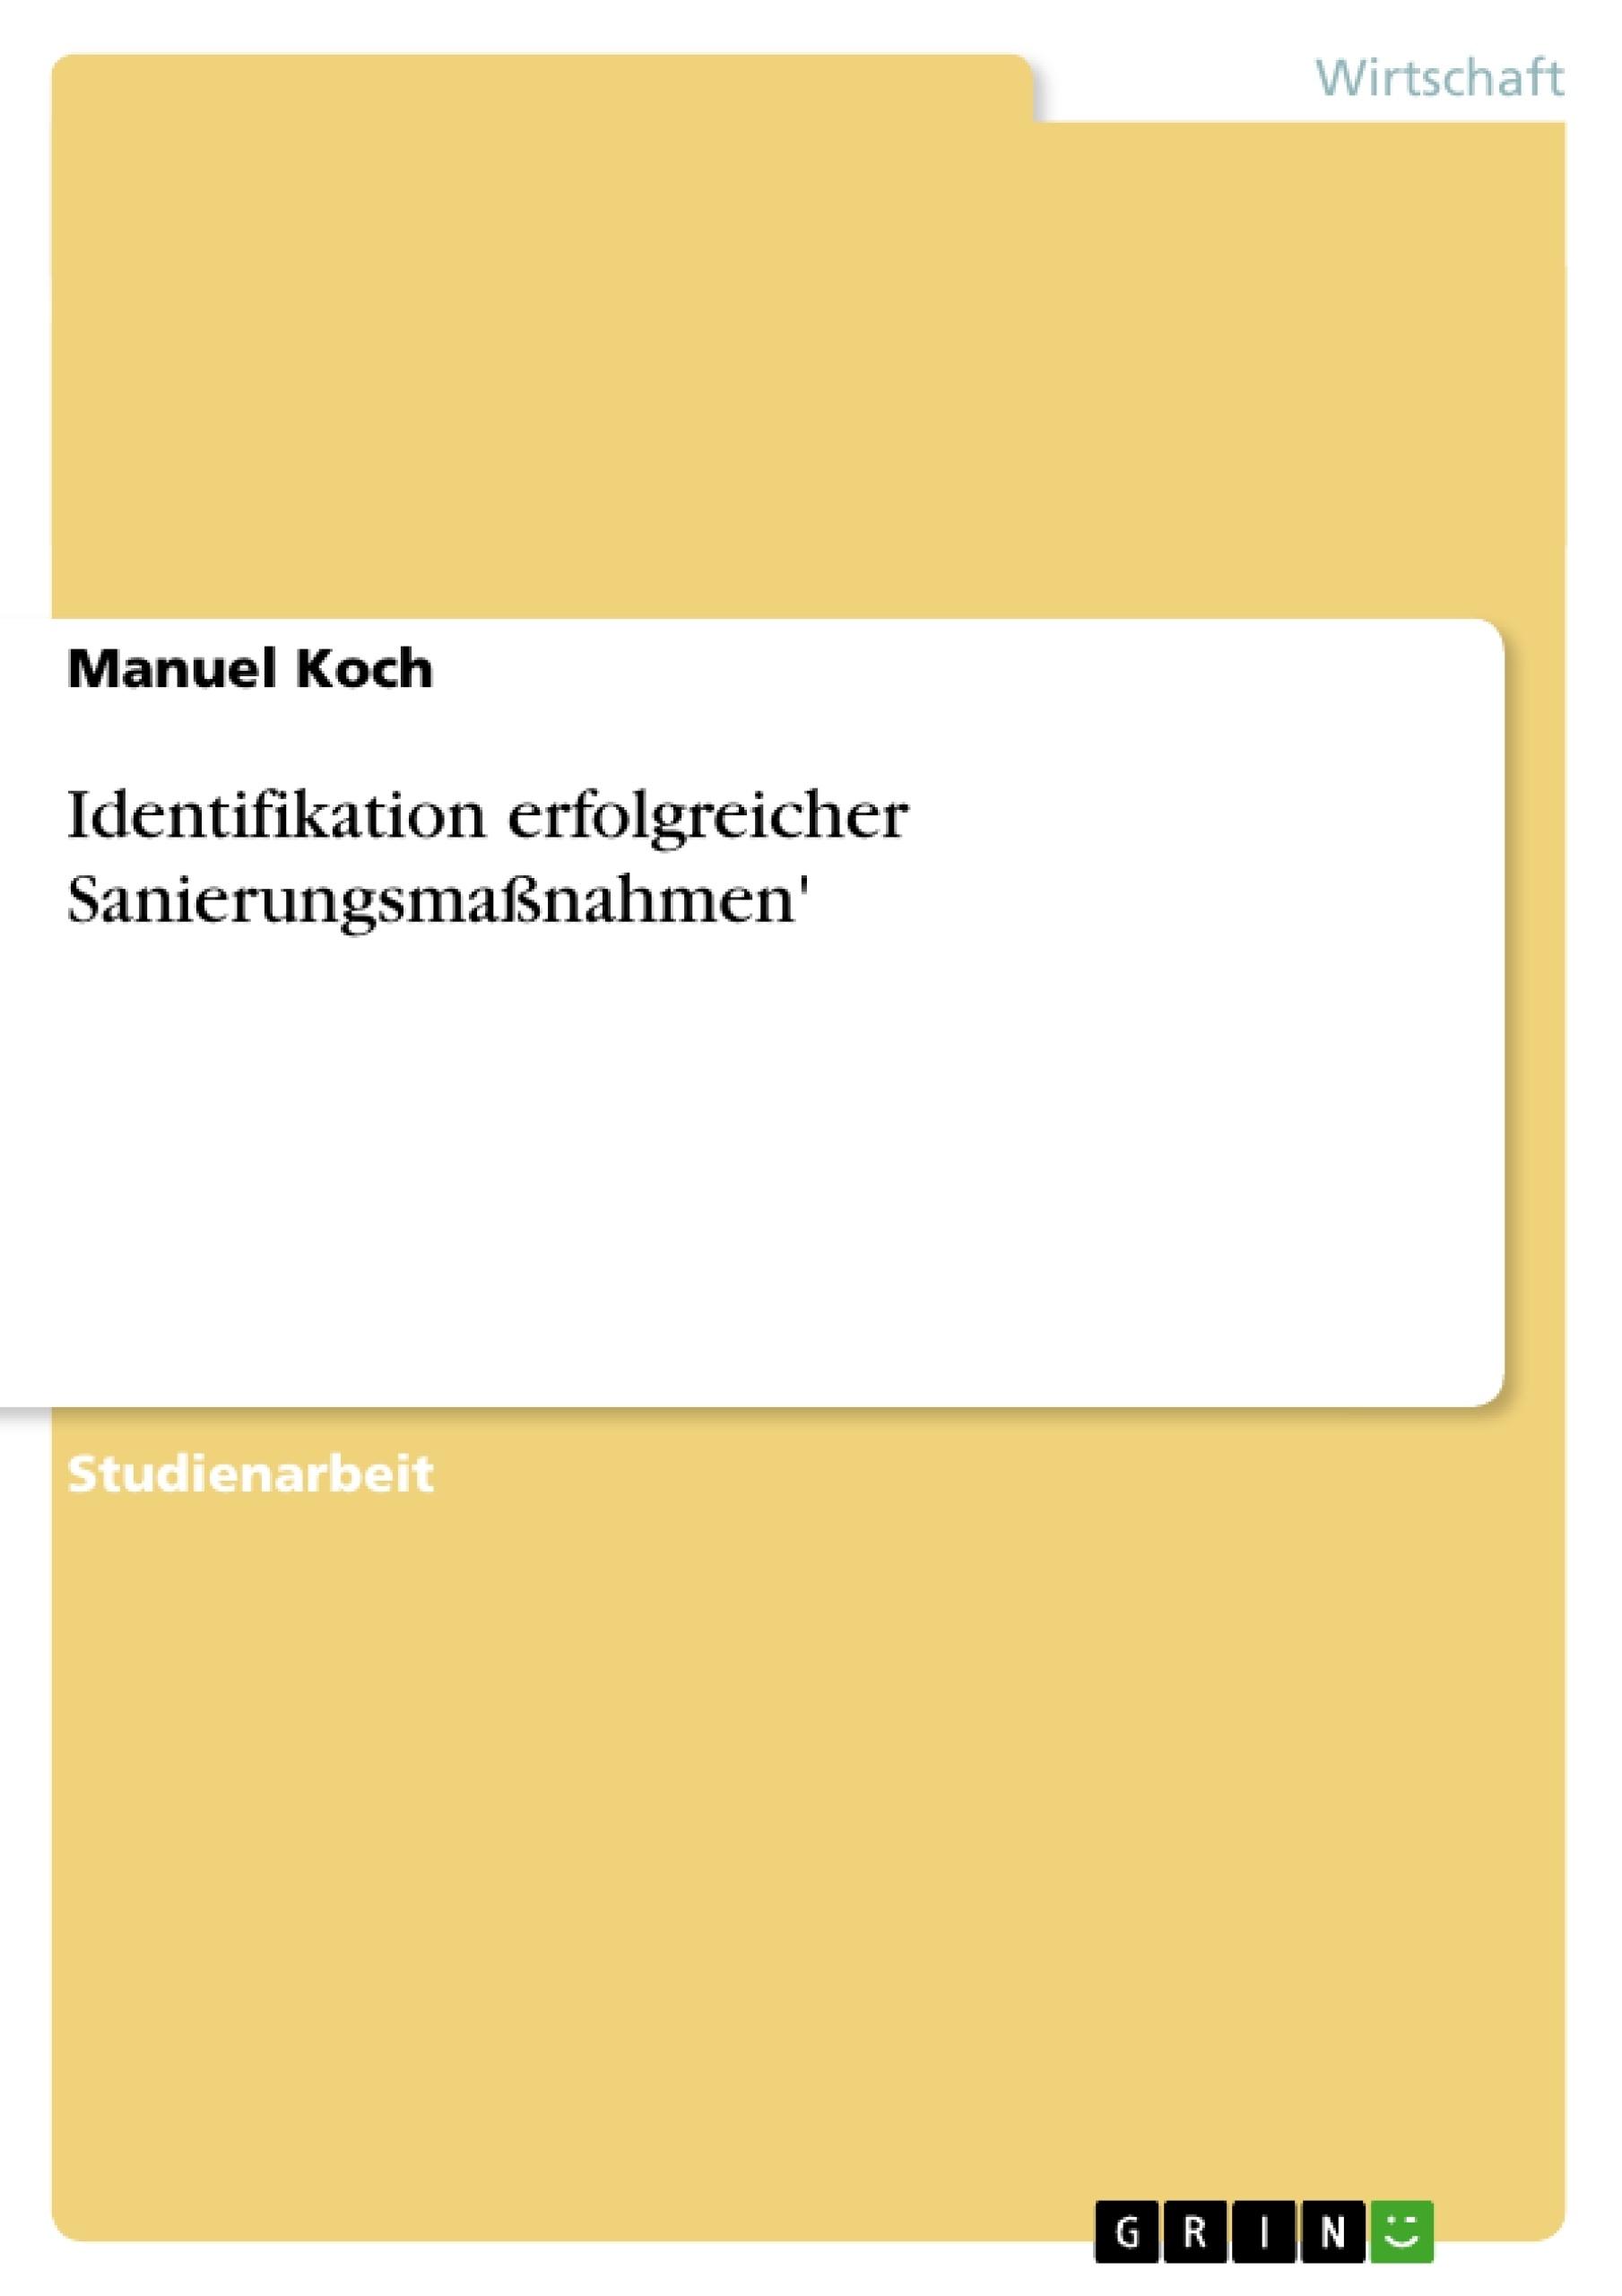 Titel: Identifikation erfolgreicher Sanierungsmaßnahmen'